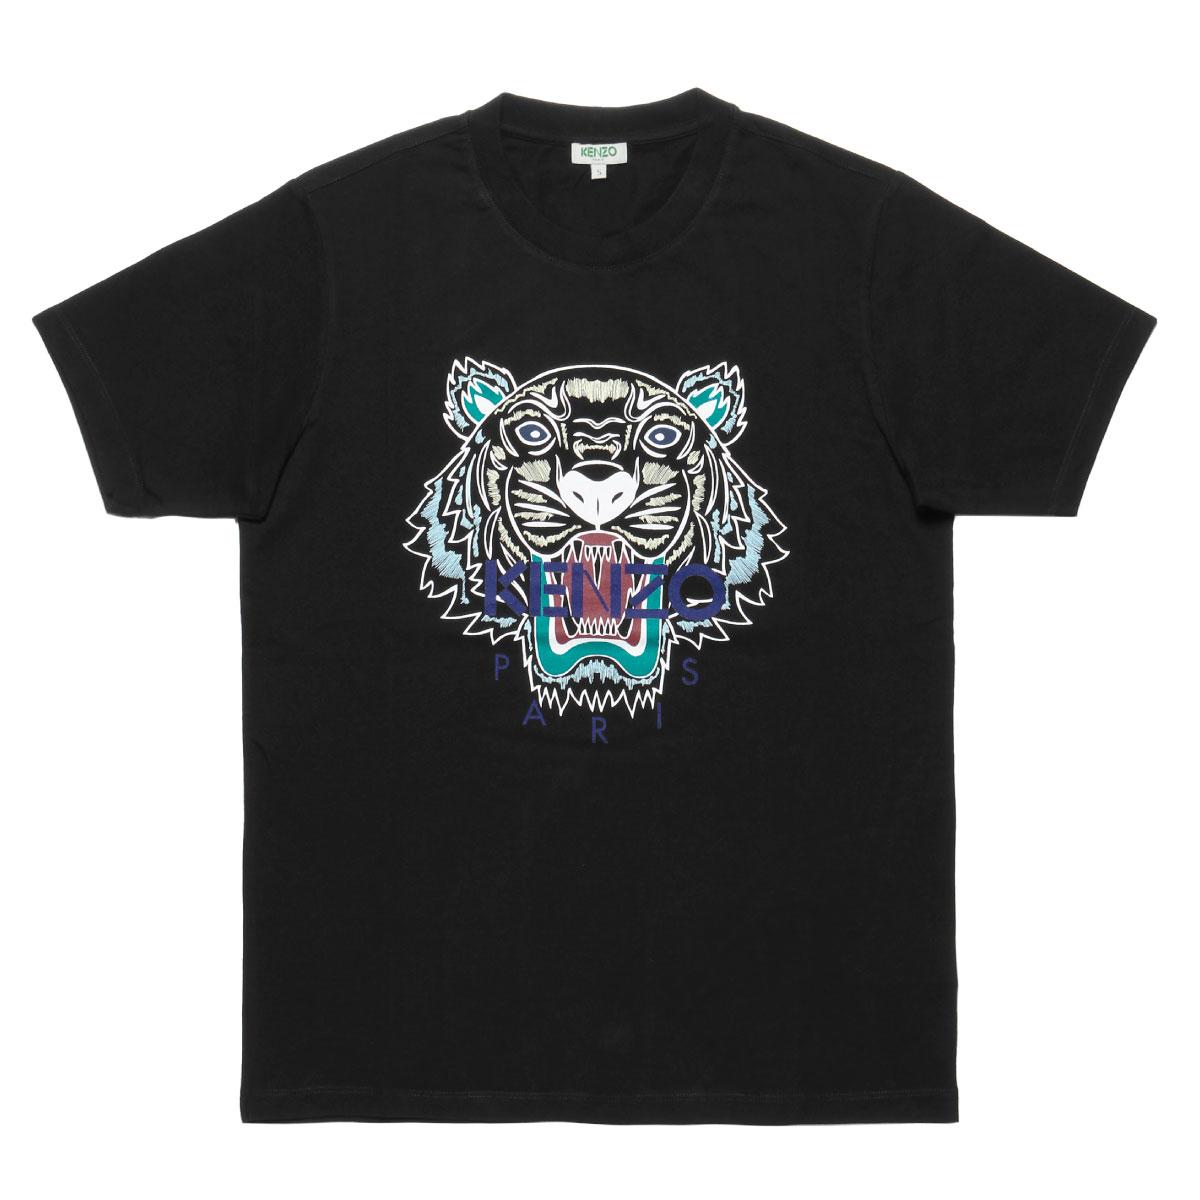 ケンゾー KENZO Tシャツ メンズ 5TS0504YA 99 半袖Tシャツ BLACK ブラック